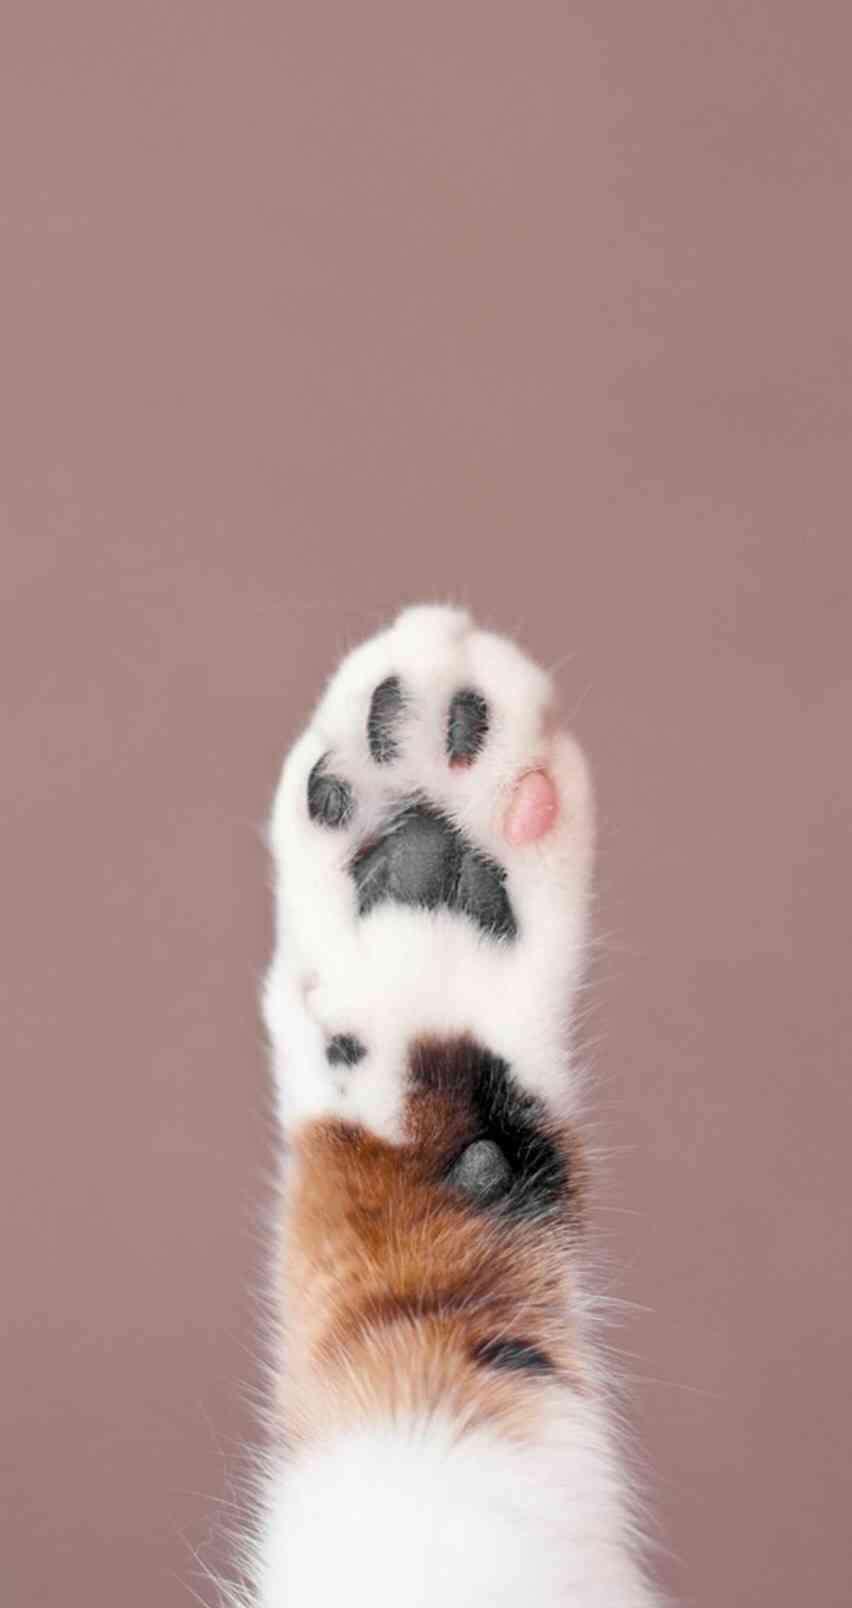 猫の「肉球」の画像が欲しい